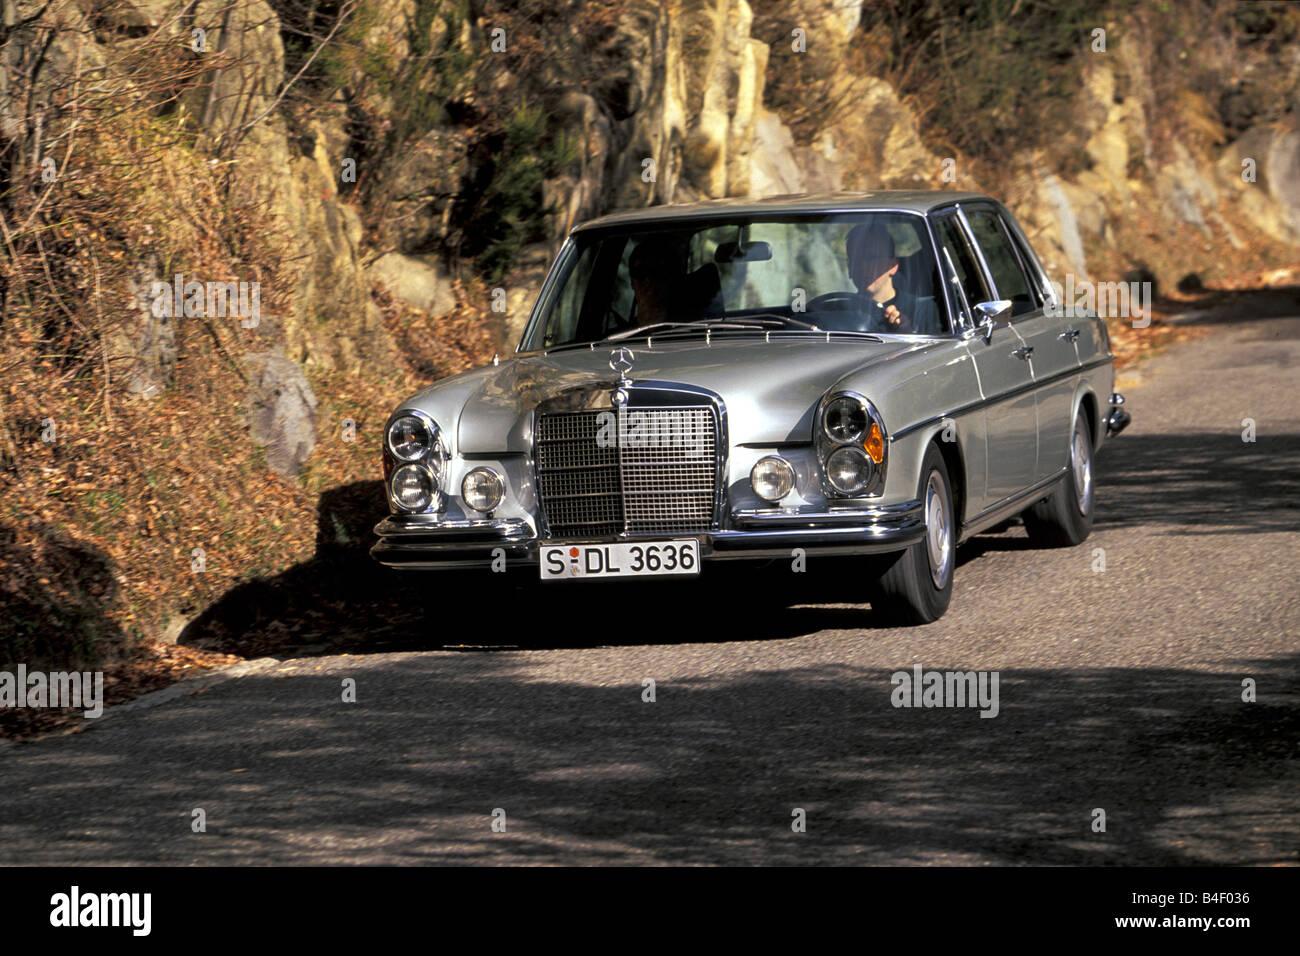 Car mercedes benz 300 sel 6 3 vintage car old car for Mercedes benz stock